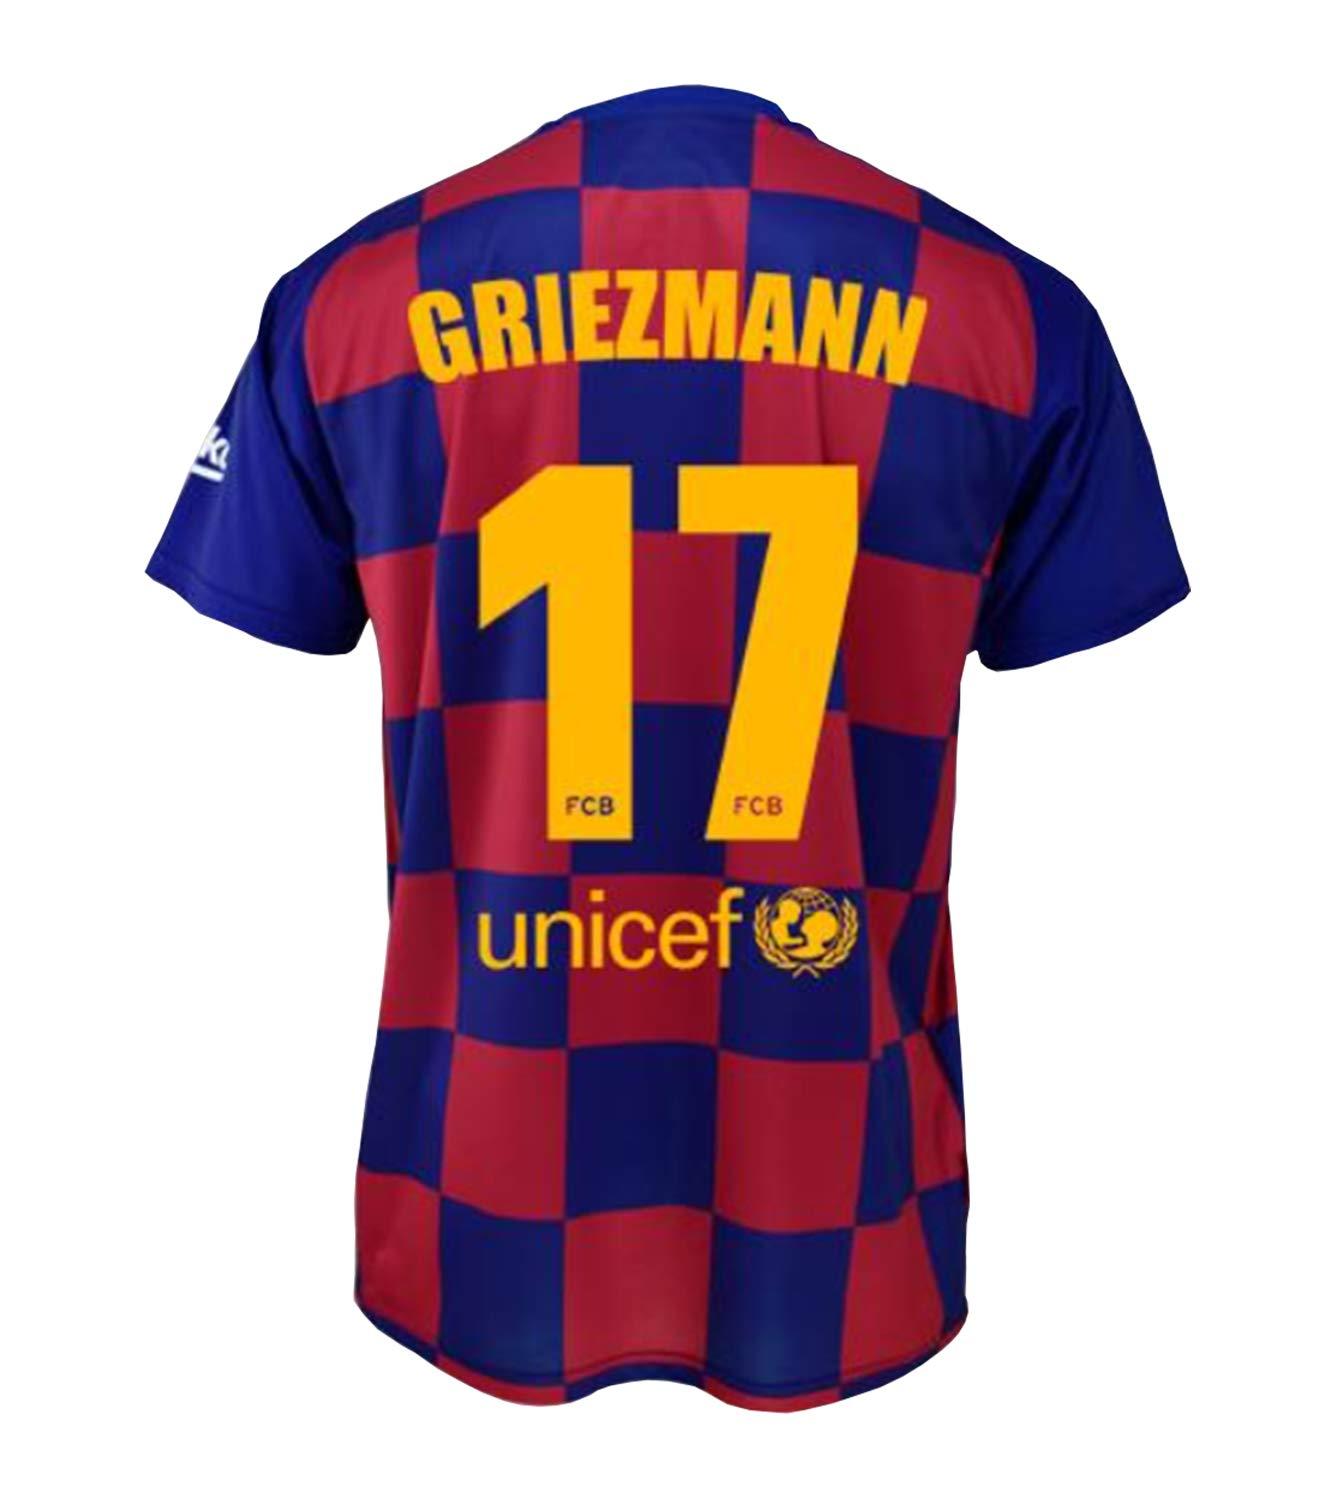 FCB Camiseta Primera Equipación Infantil Griezmann del FC Barcelona Producto Oficial Licenciado Temporada 2019-2020 Color Azulgrana (Azulgrana, Talla10): Amazon.es: Deportes y aire libre